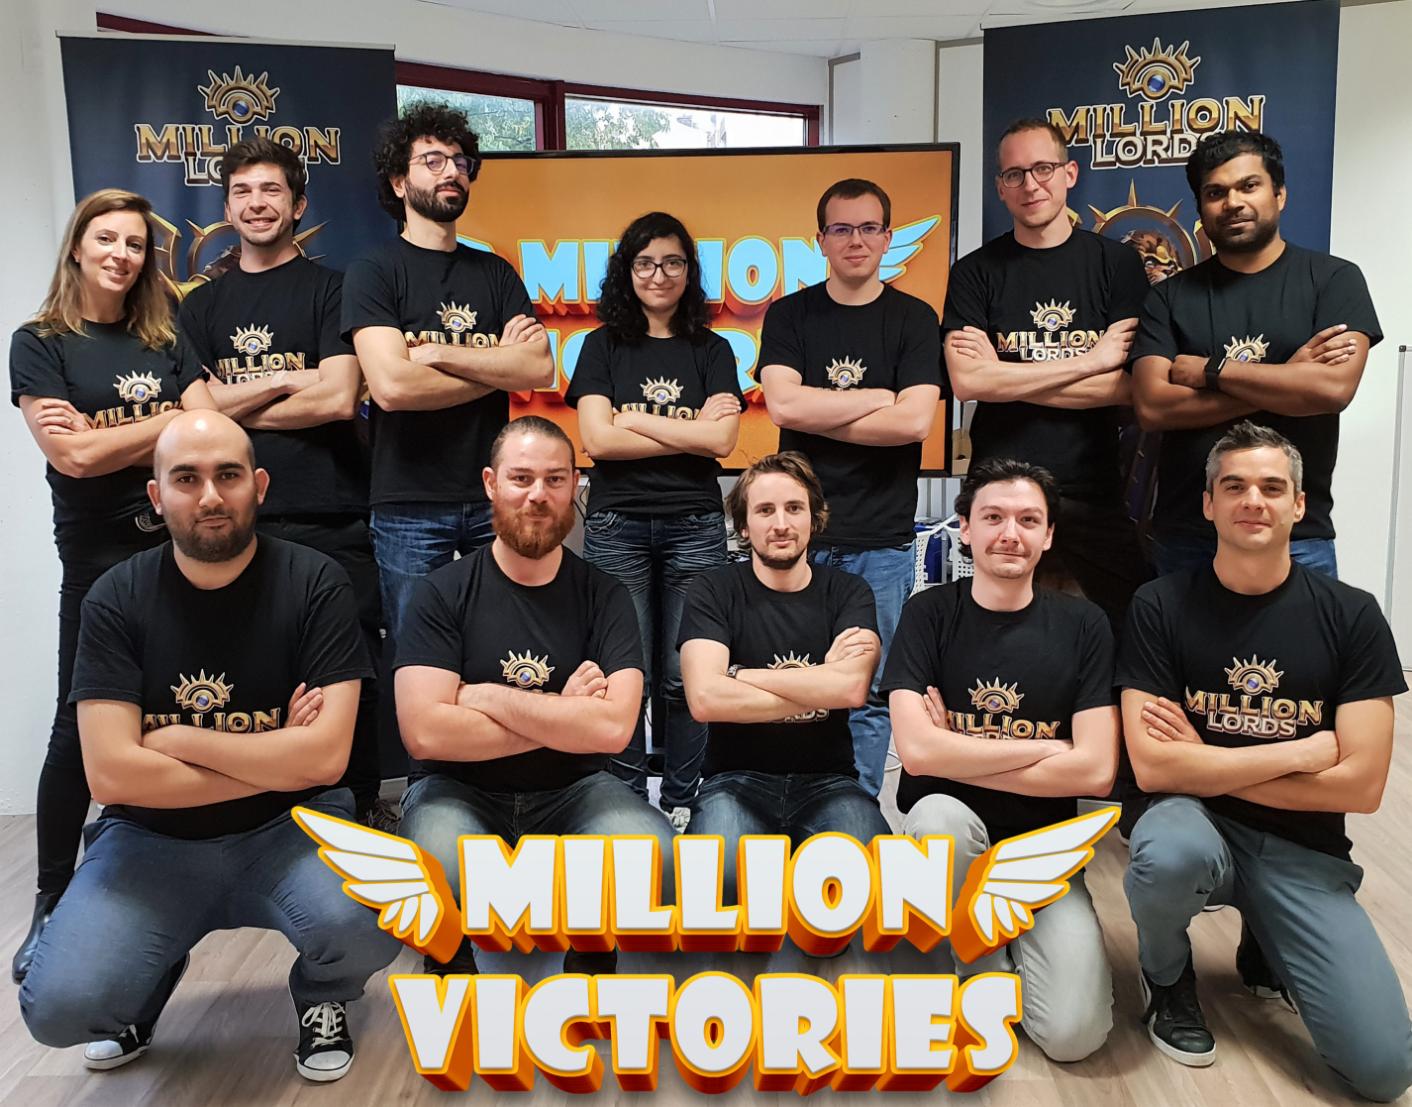 Million Lords - Team